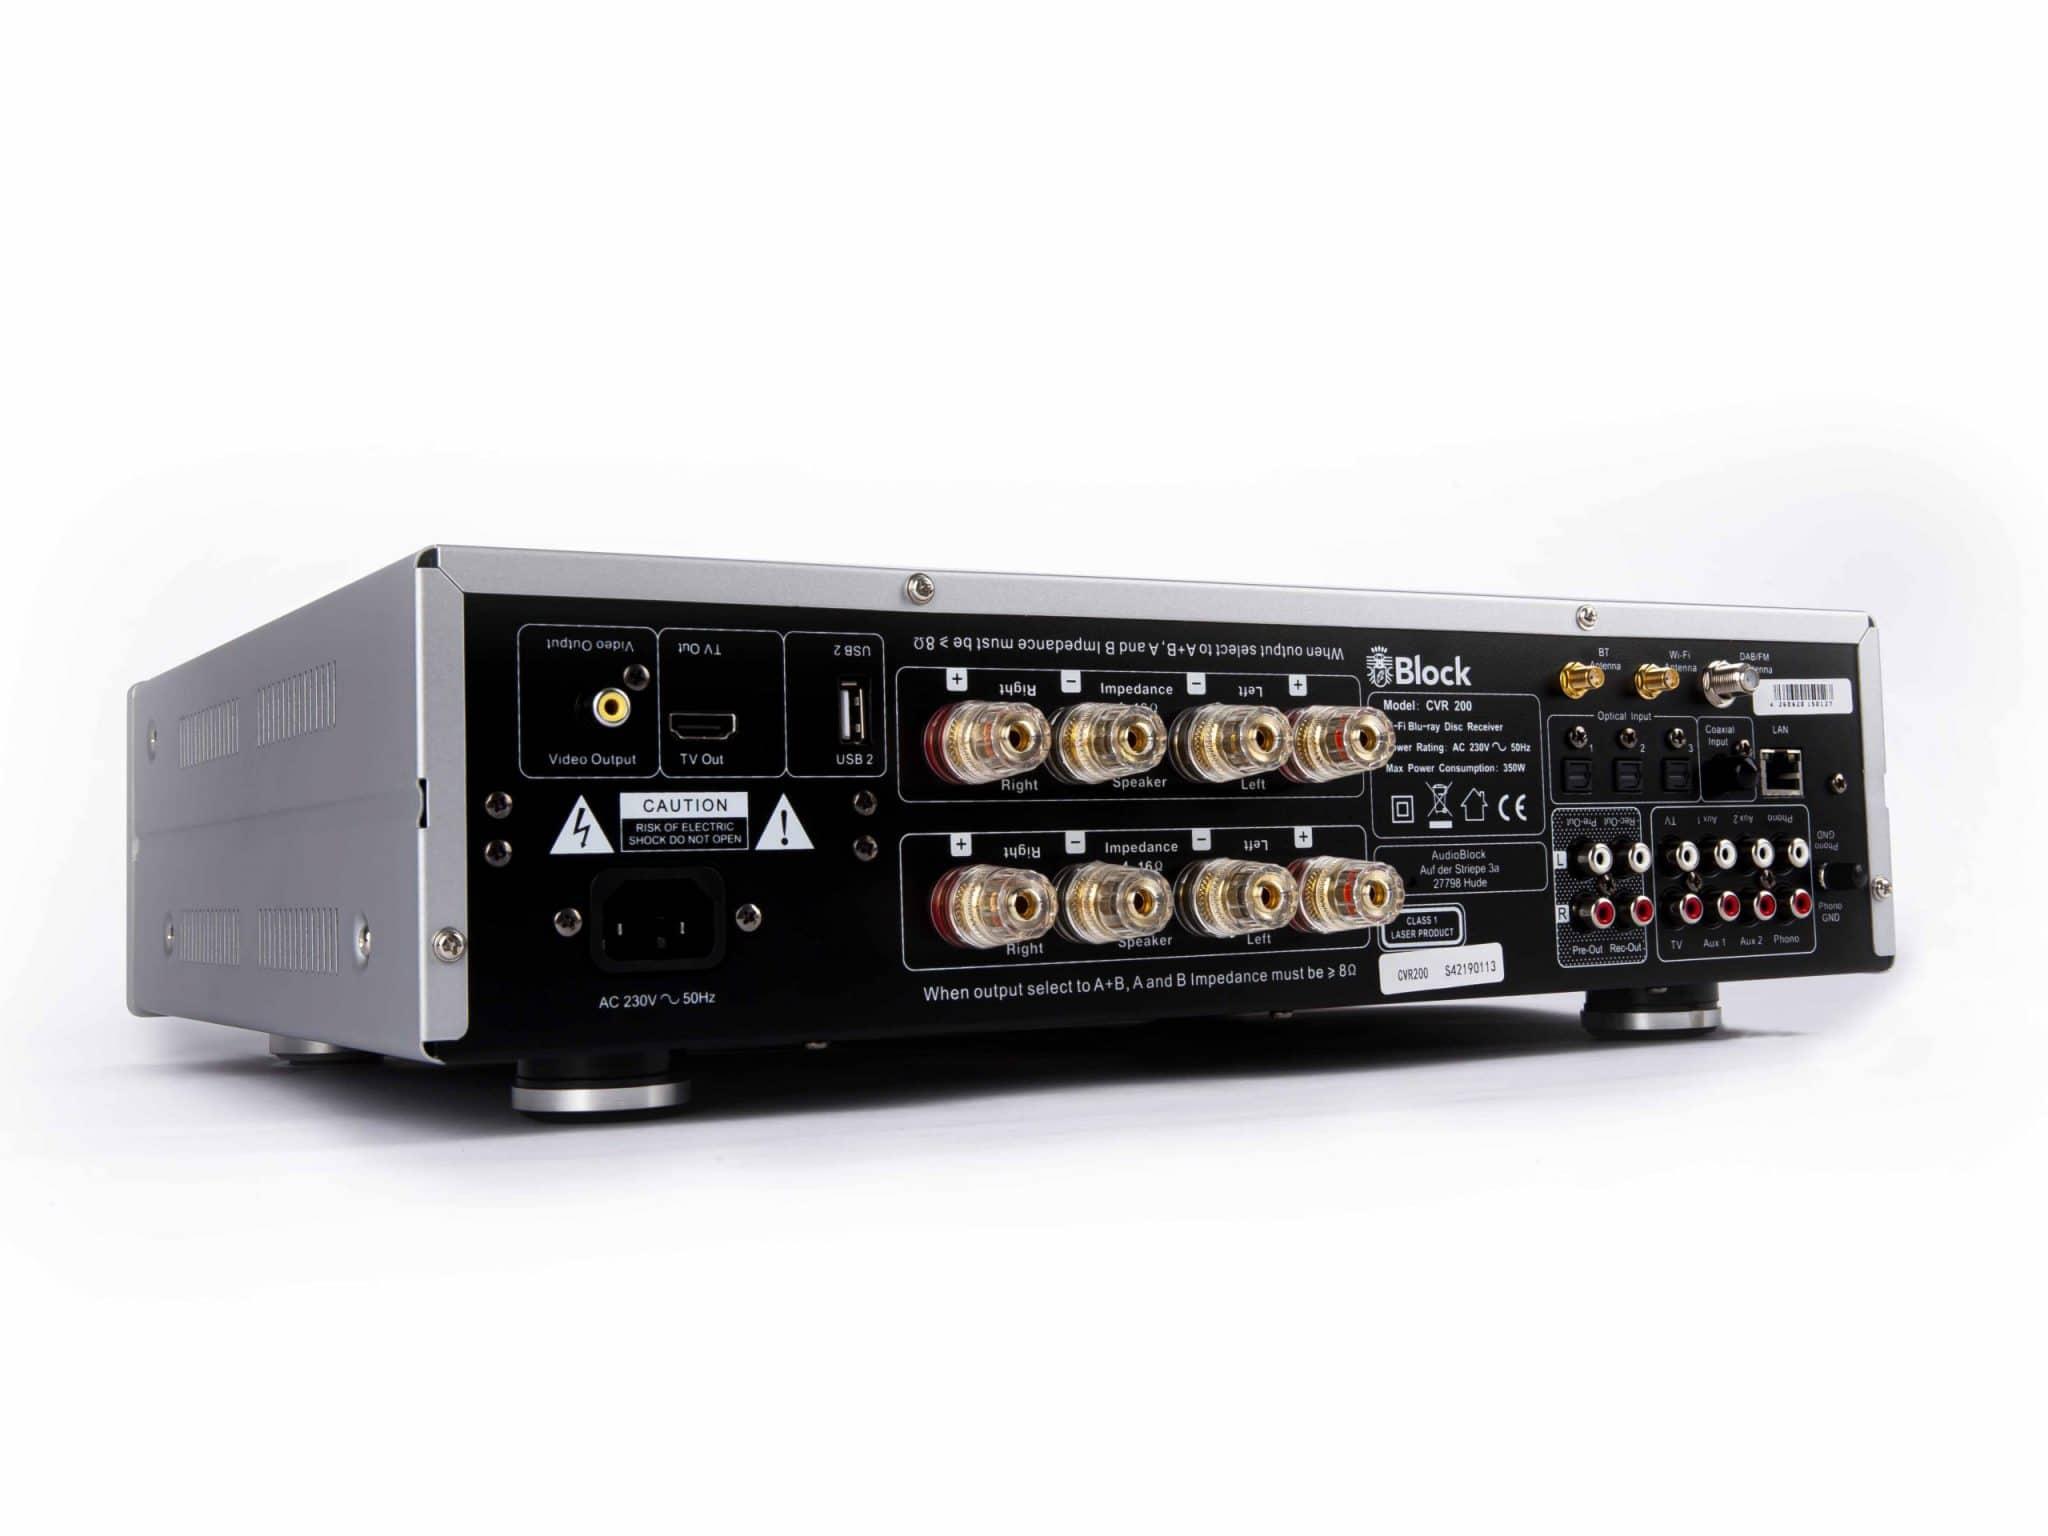 CVR-200